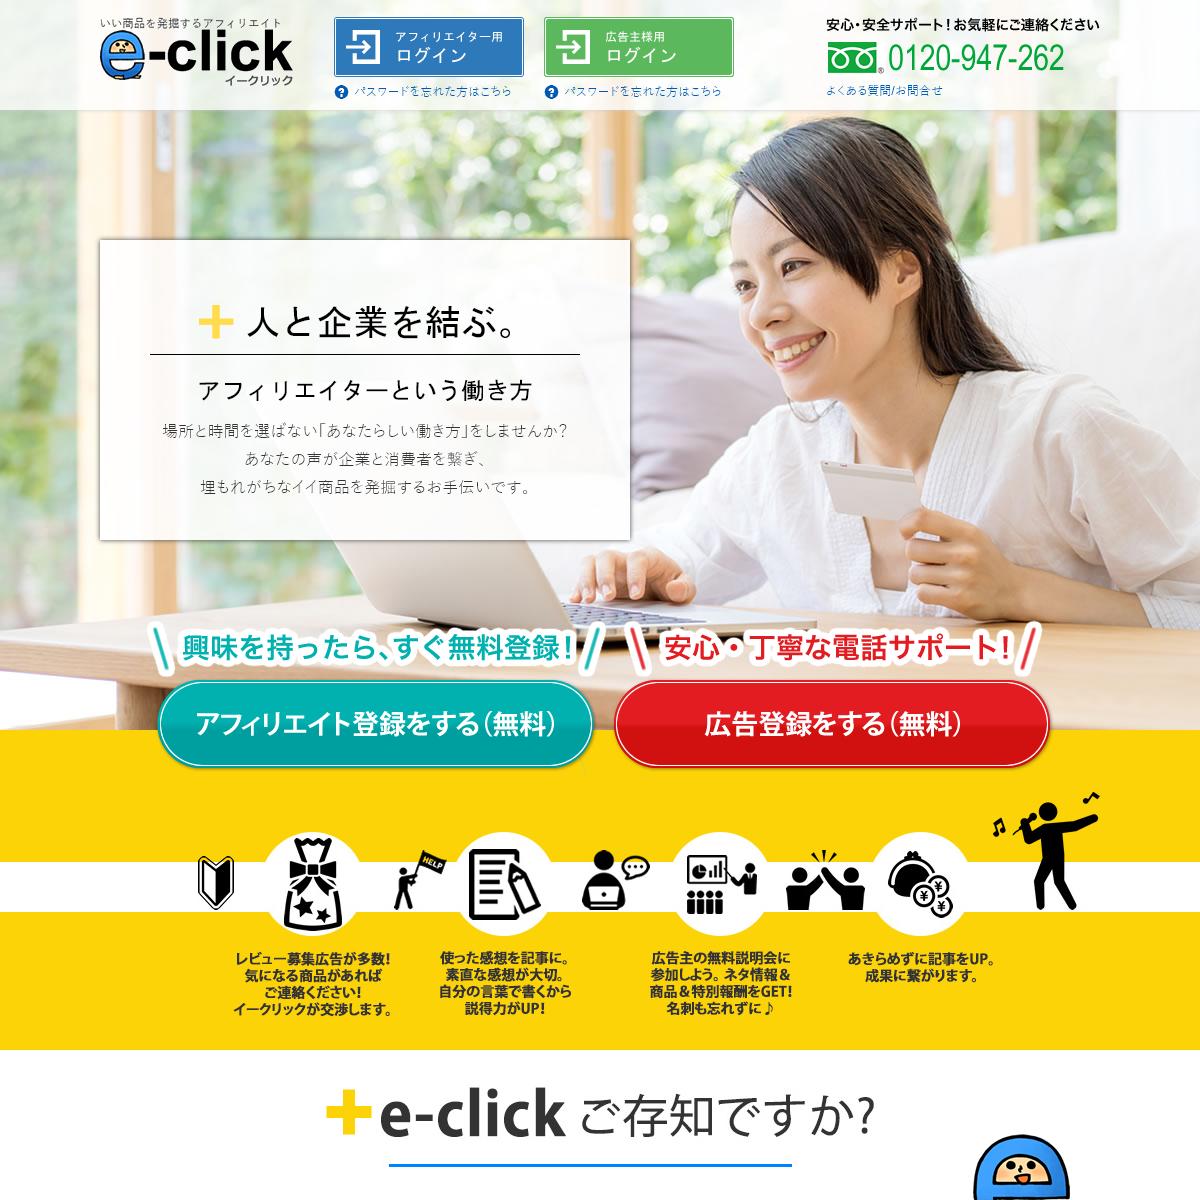 e-click (イークリック) いい商品を発掘するアフィリエイト